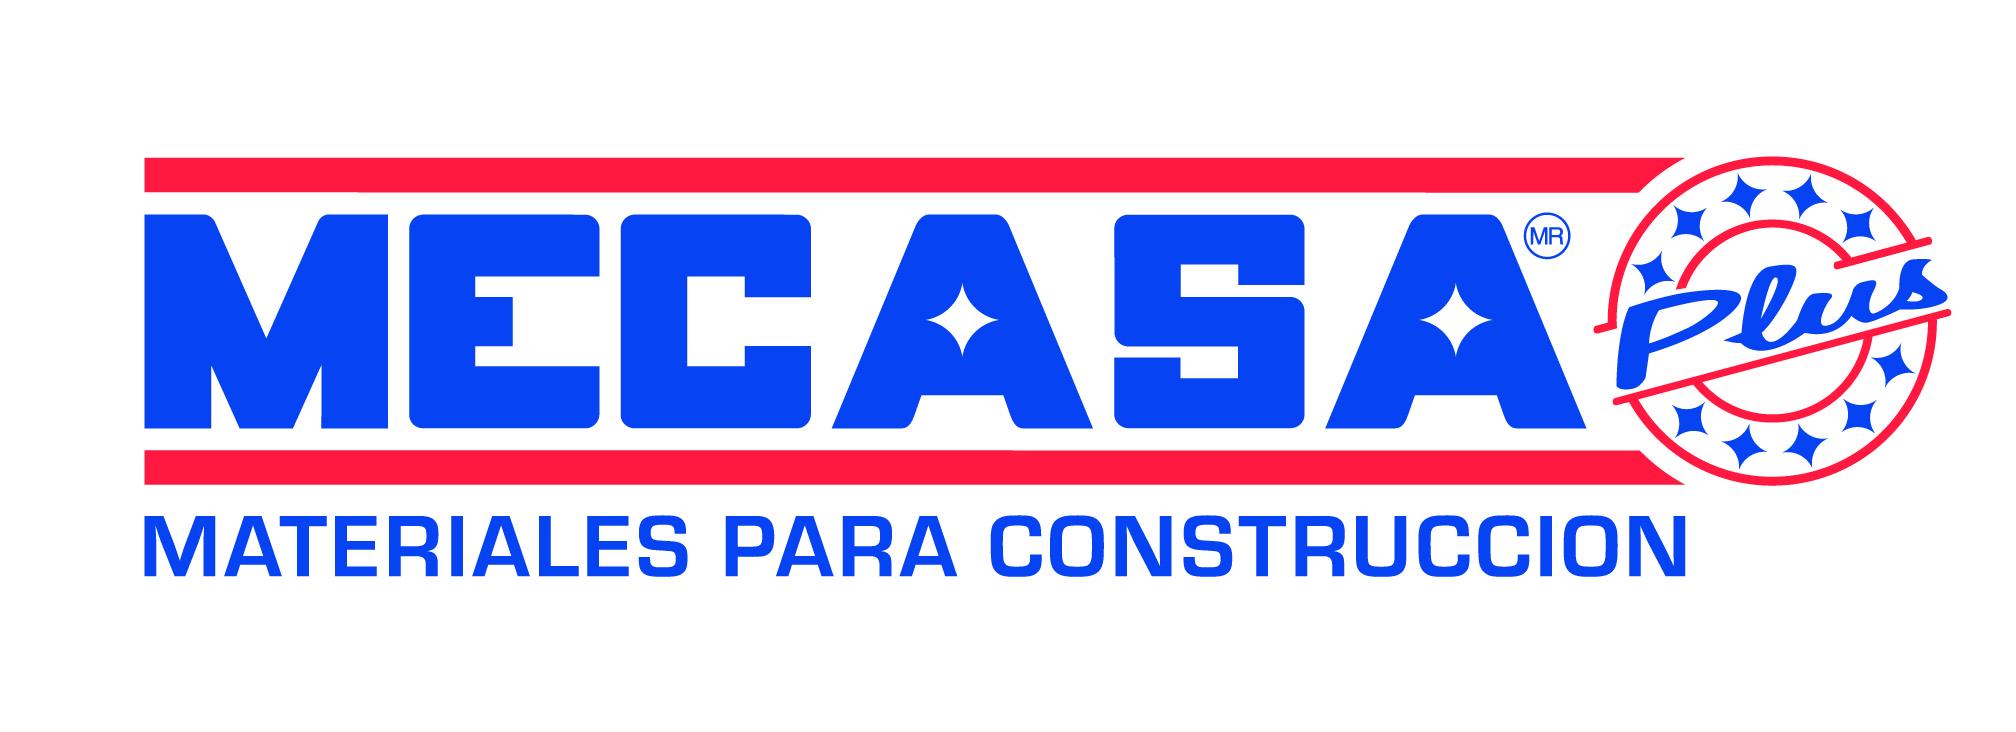 Mecasa Plus - Materiales para Construcción